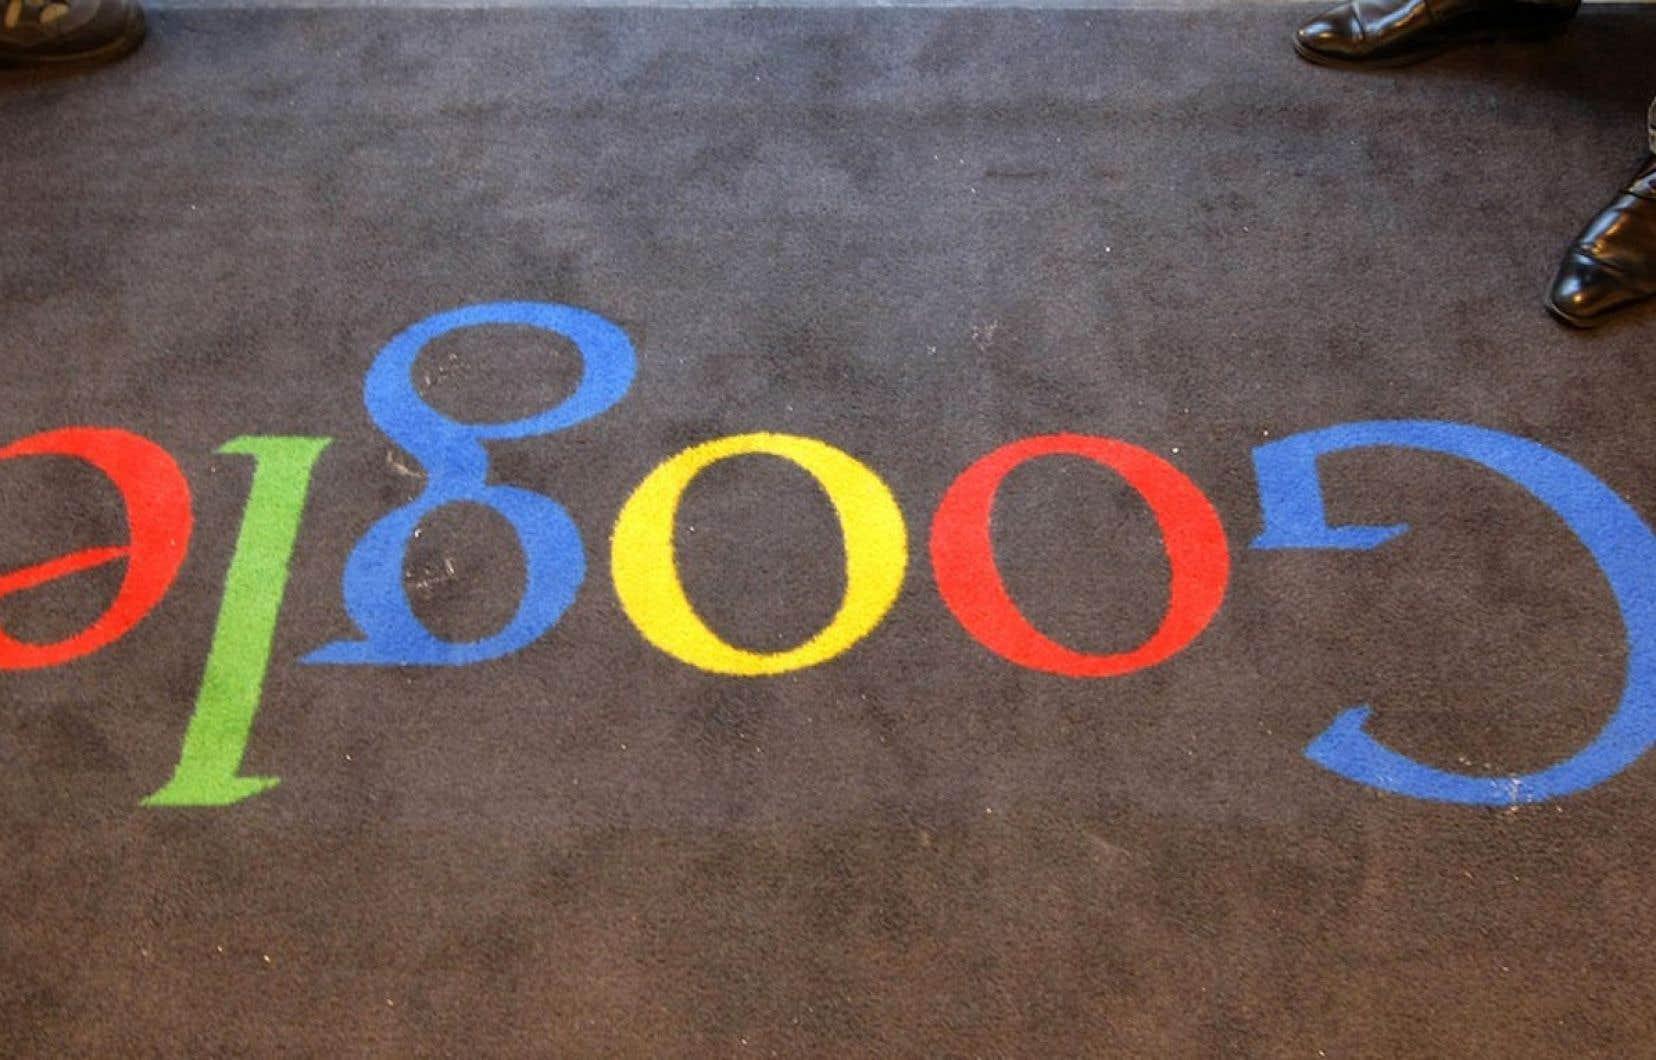 Google était accusé d'avoir placé sans autorisation des petits logiciels espions, ou «cookies», sur les ordinateurs d'utilisateurs du navigateur Internet Safari d'Apple.